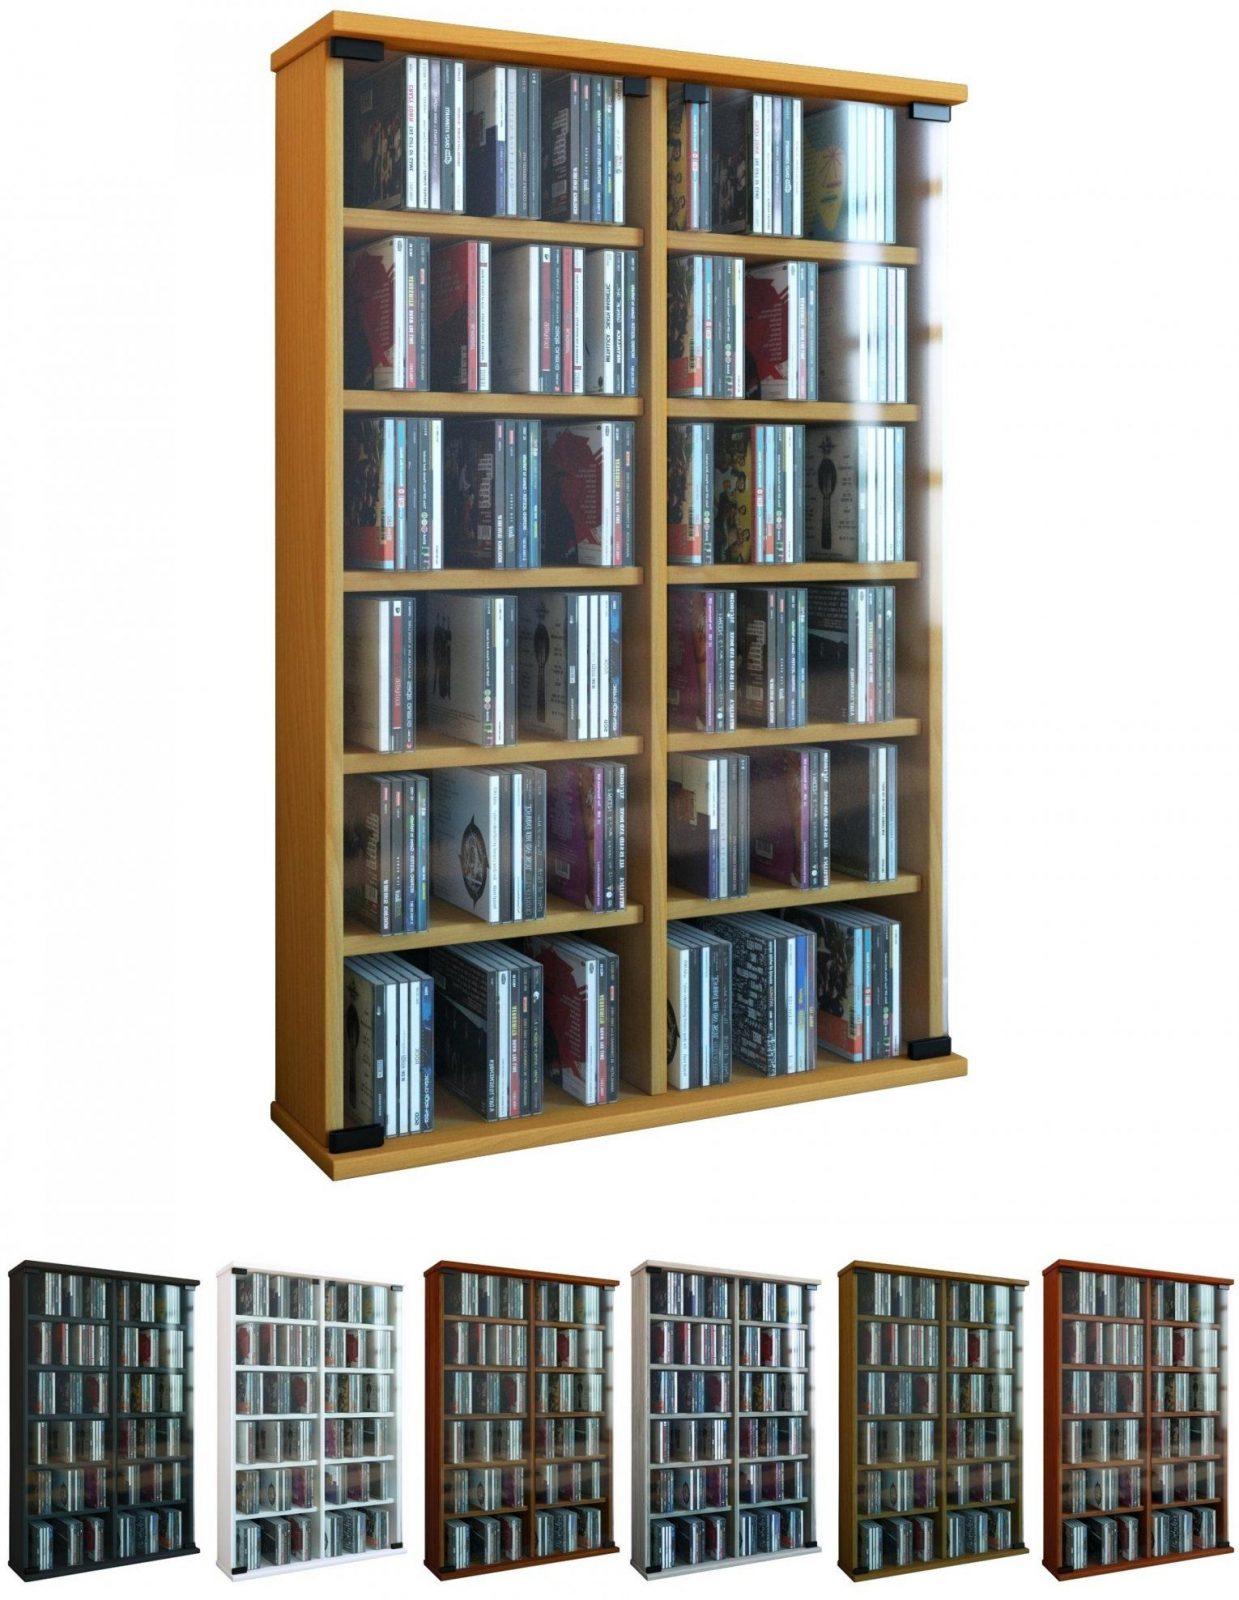 Cd Schrank Dvd Regal Mit Ta 1 4 Ren Bilder Das Wirklich von Cd Schrank 1000 Cds Photo